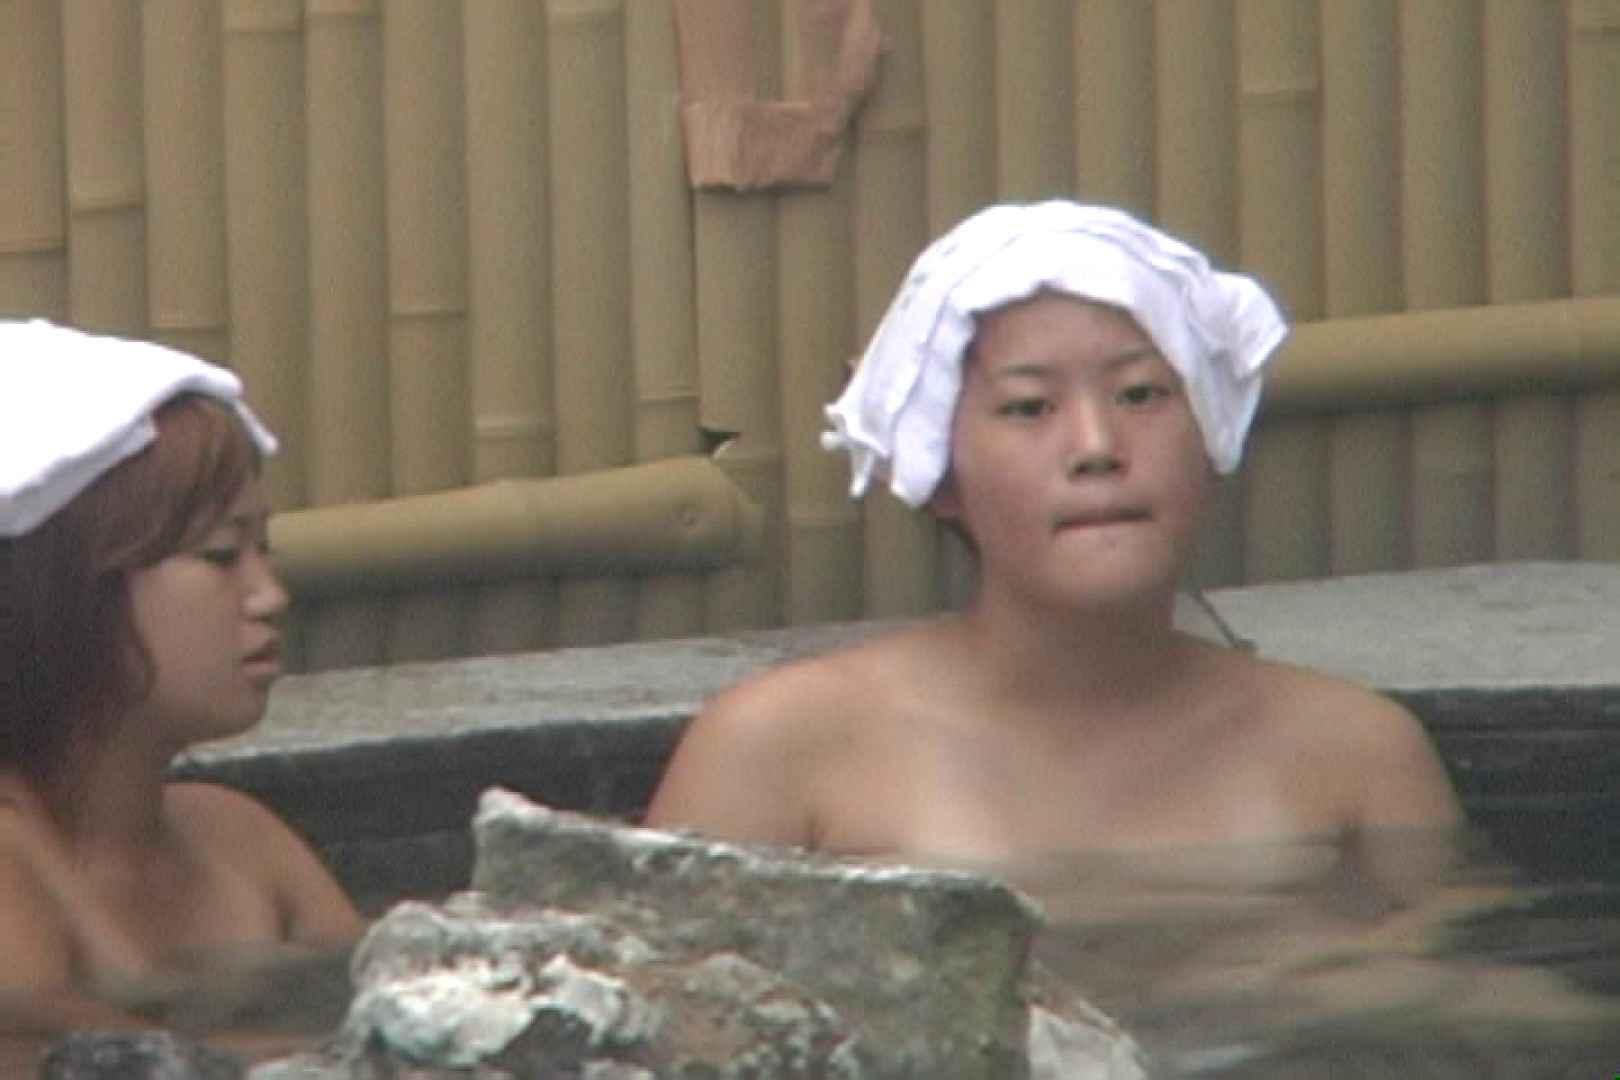 Aquaな露天風呂Vol.42【VIP限定】 盗撮大放出 おめこ無修正動画無料 68連発 35